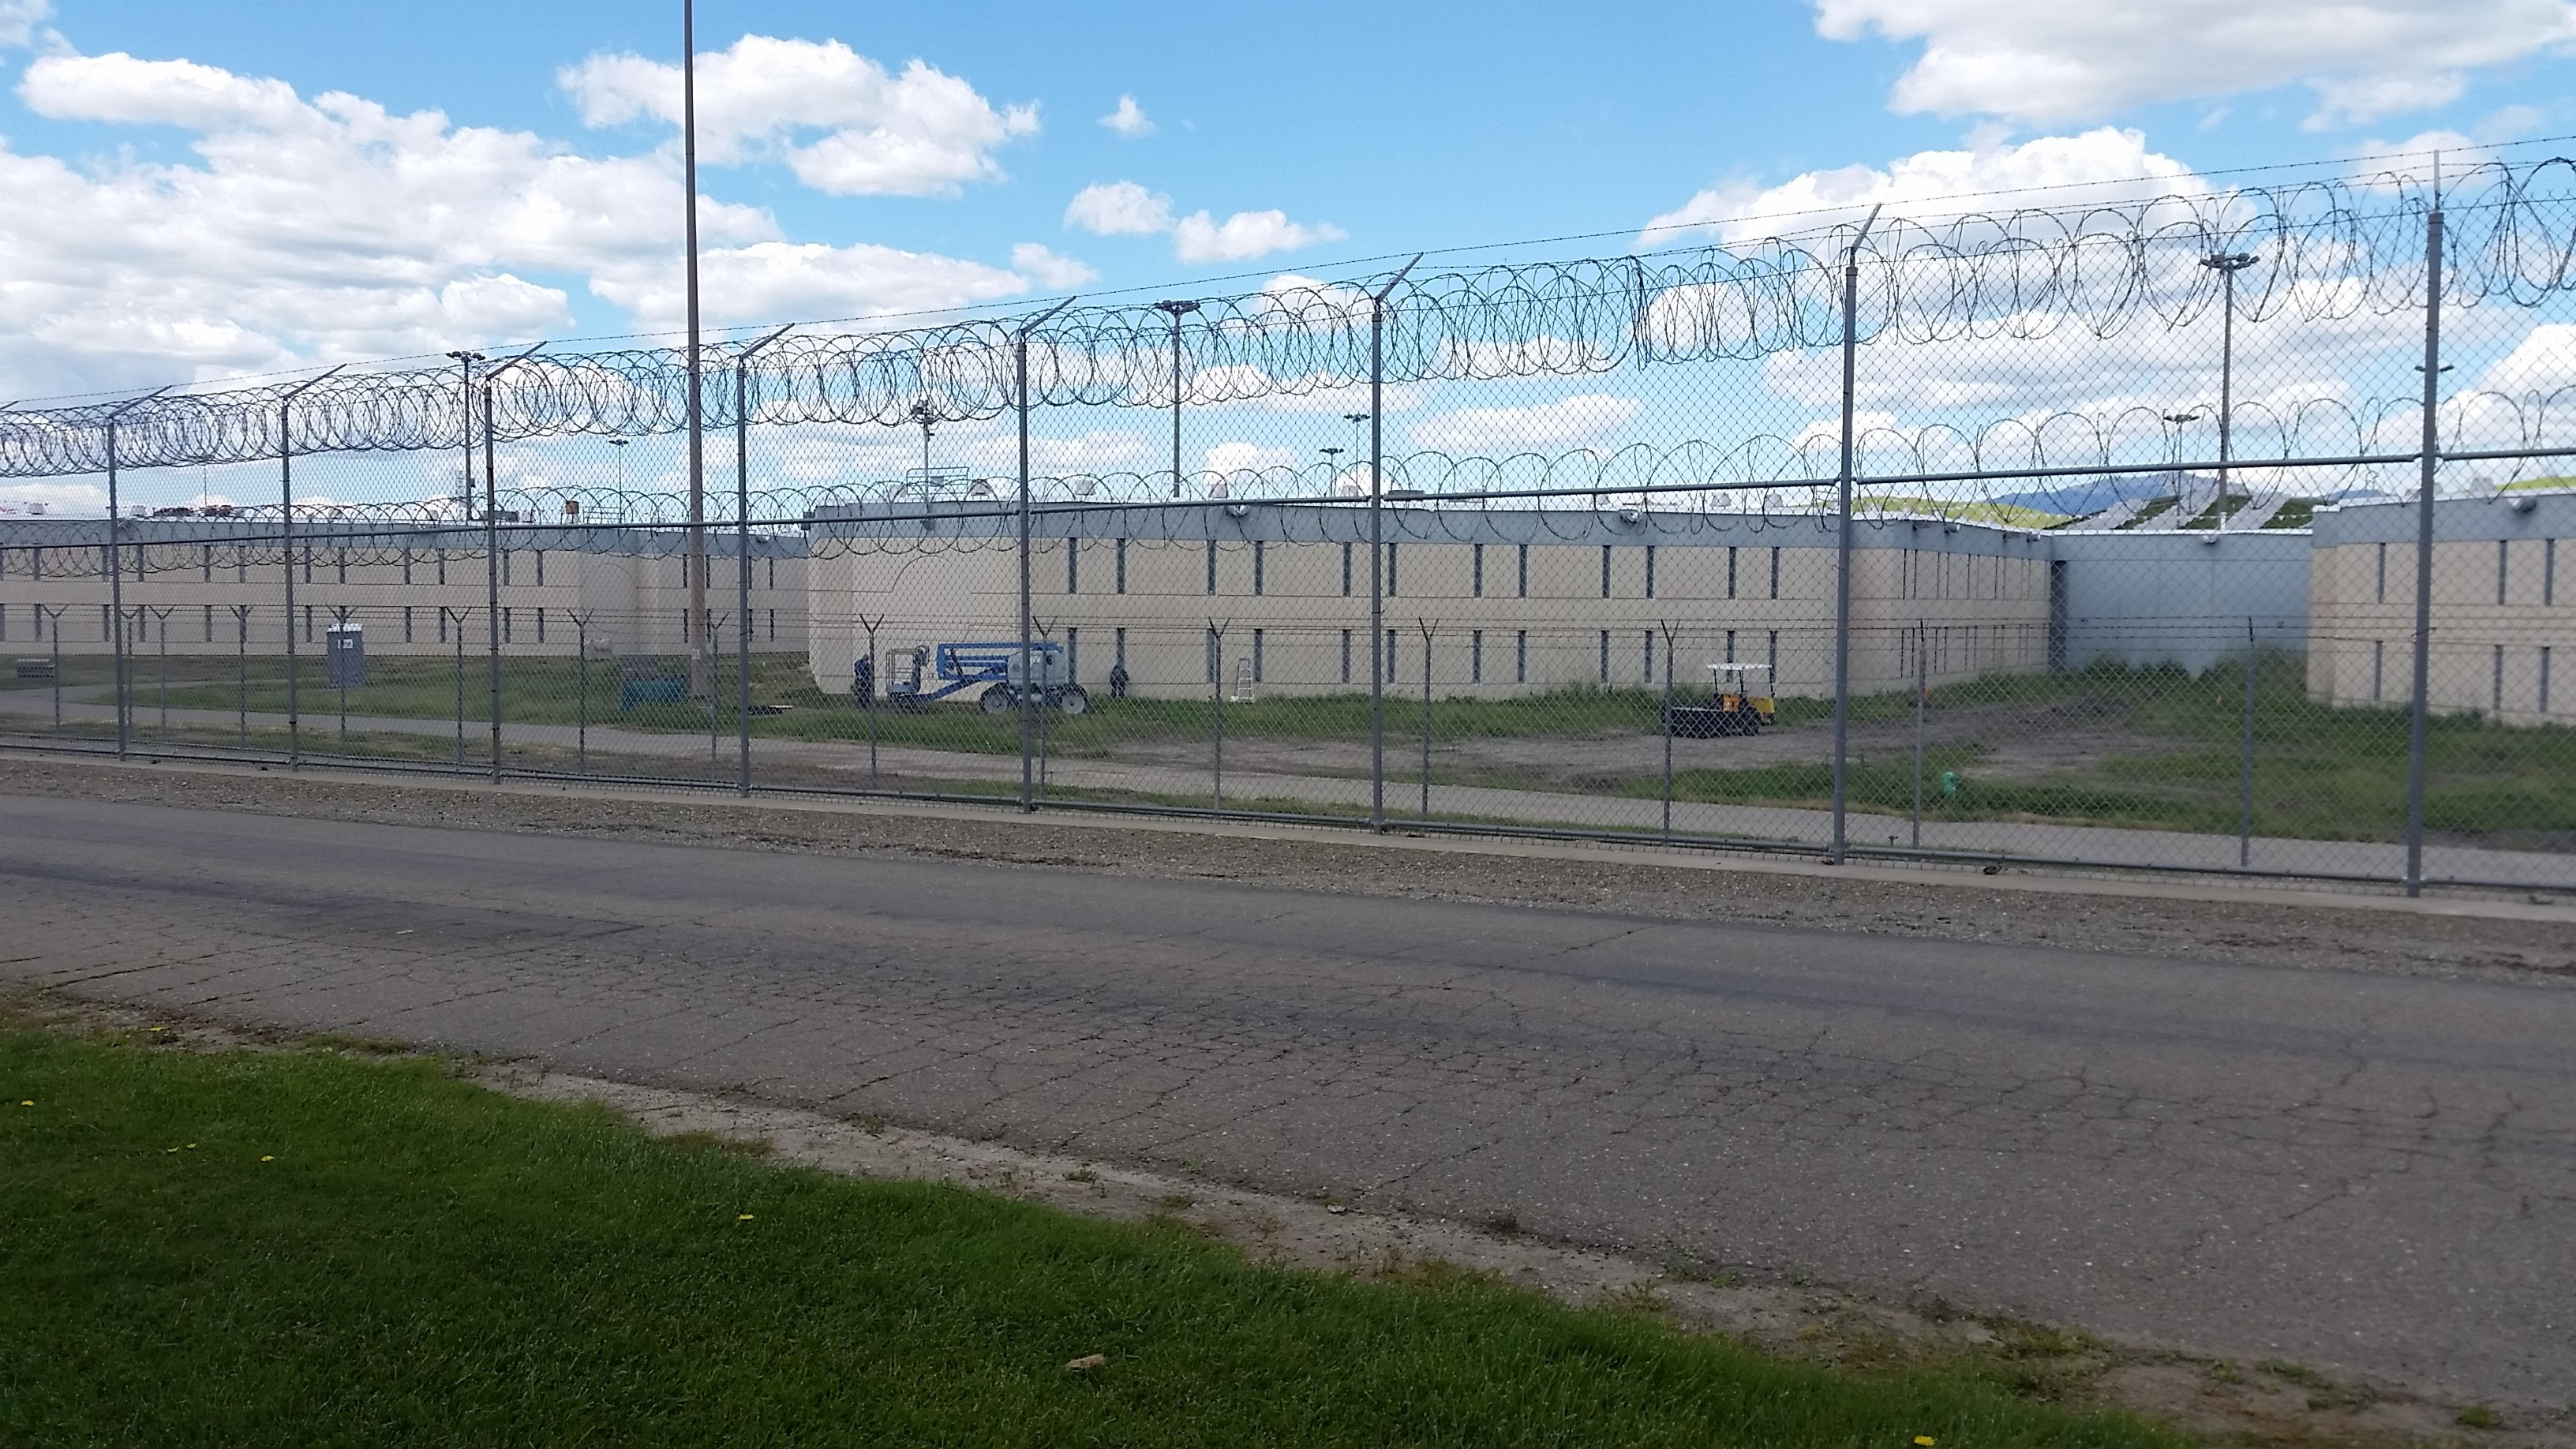 Rüyada Hapiste Kapalı Olan Birini Dışarda Görmek